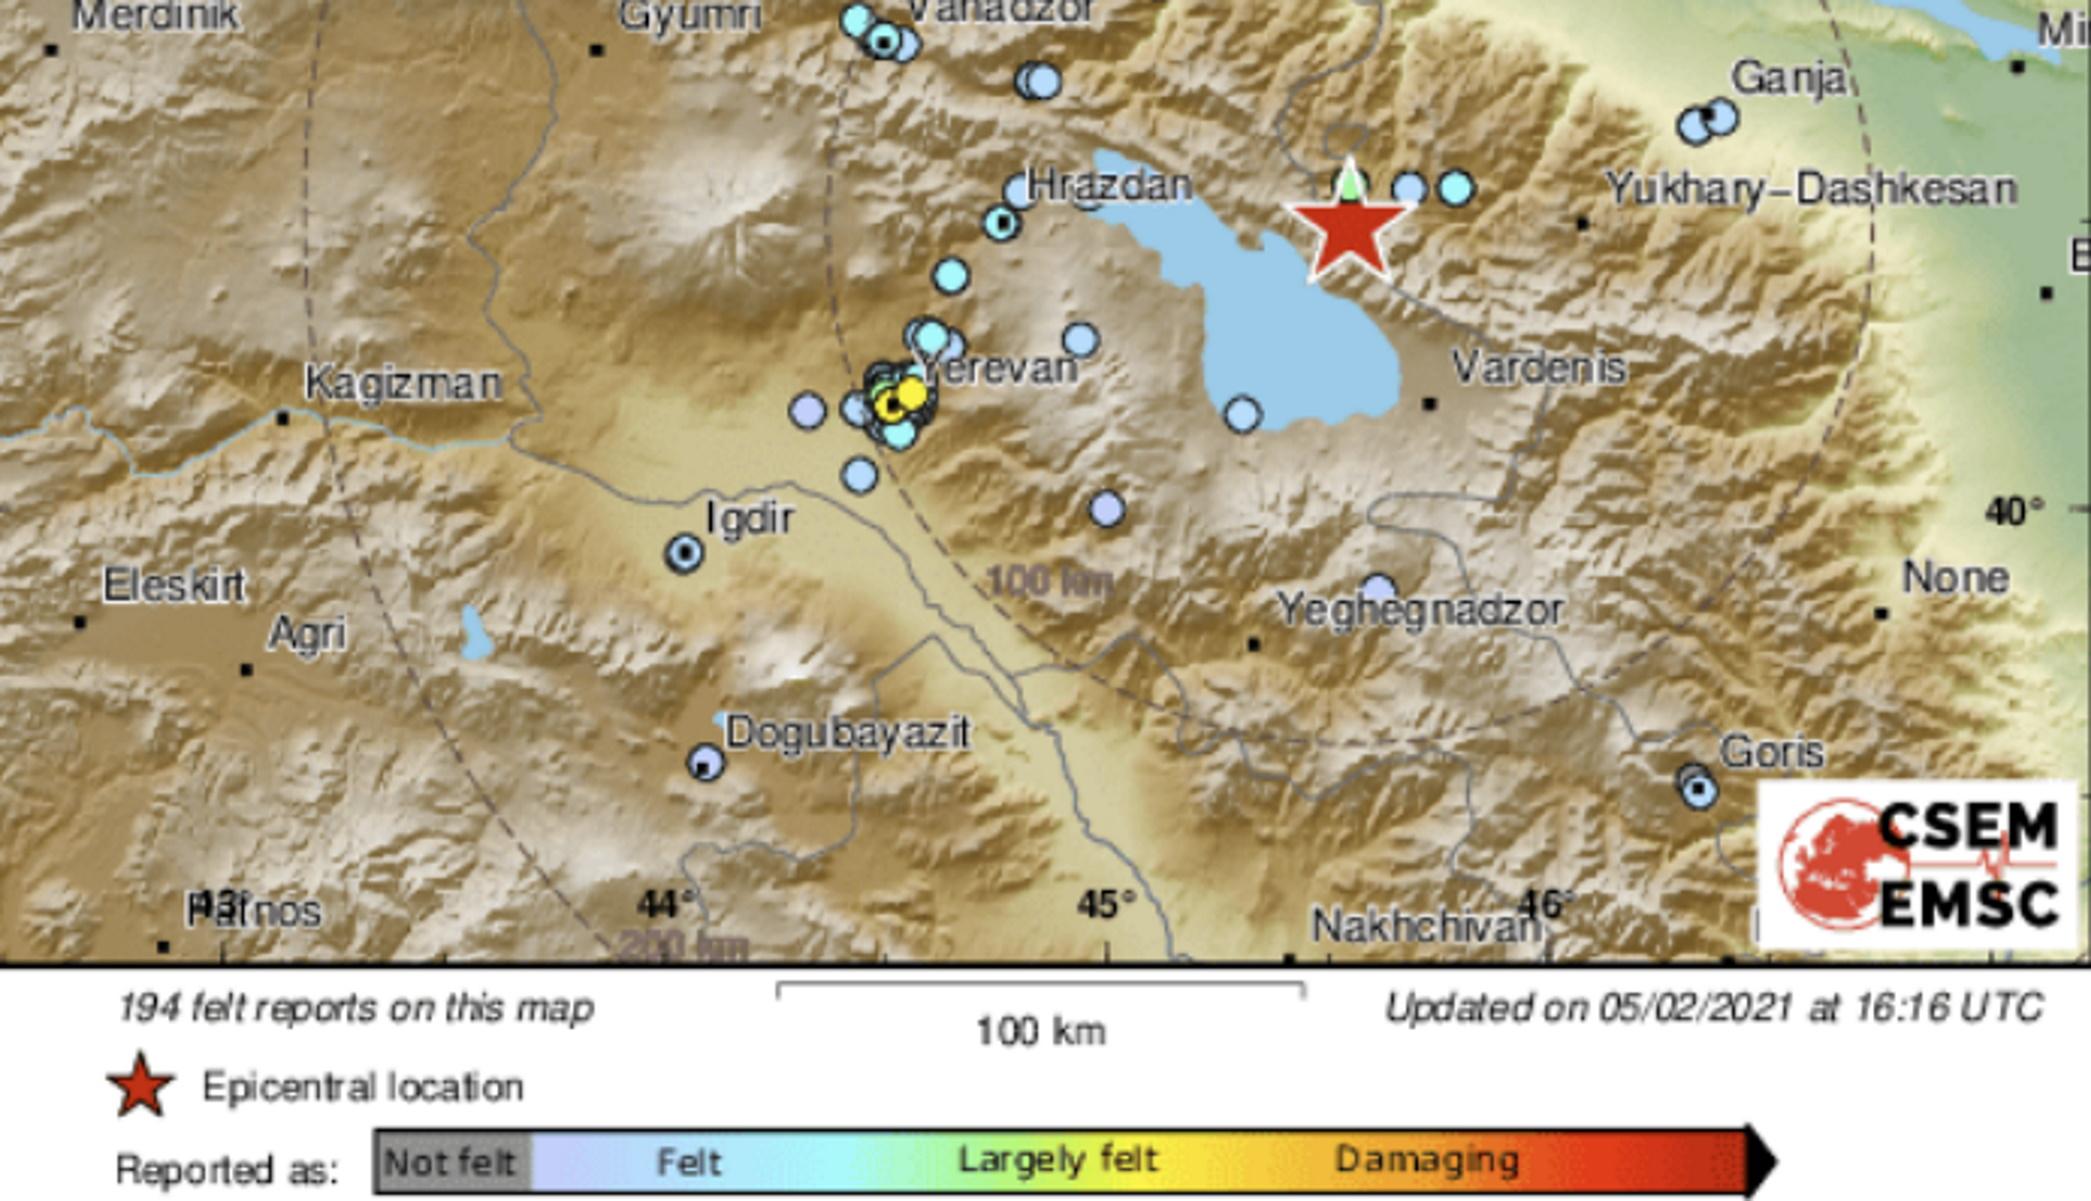 Σεισμός 5,1 Ρίχτερ ταρακούνησε το Αζερμπαϊτζάν